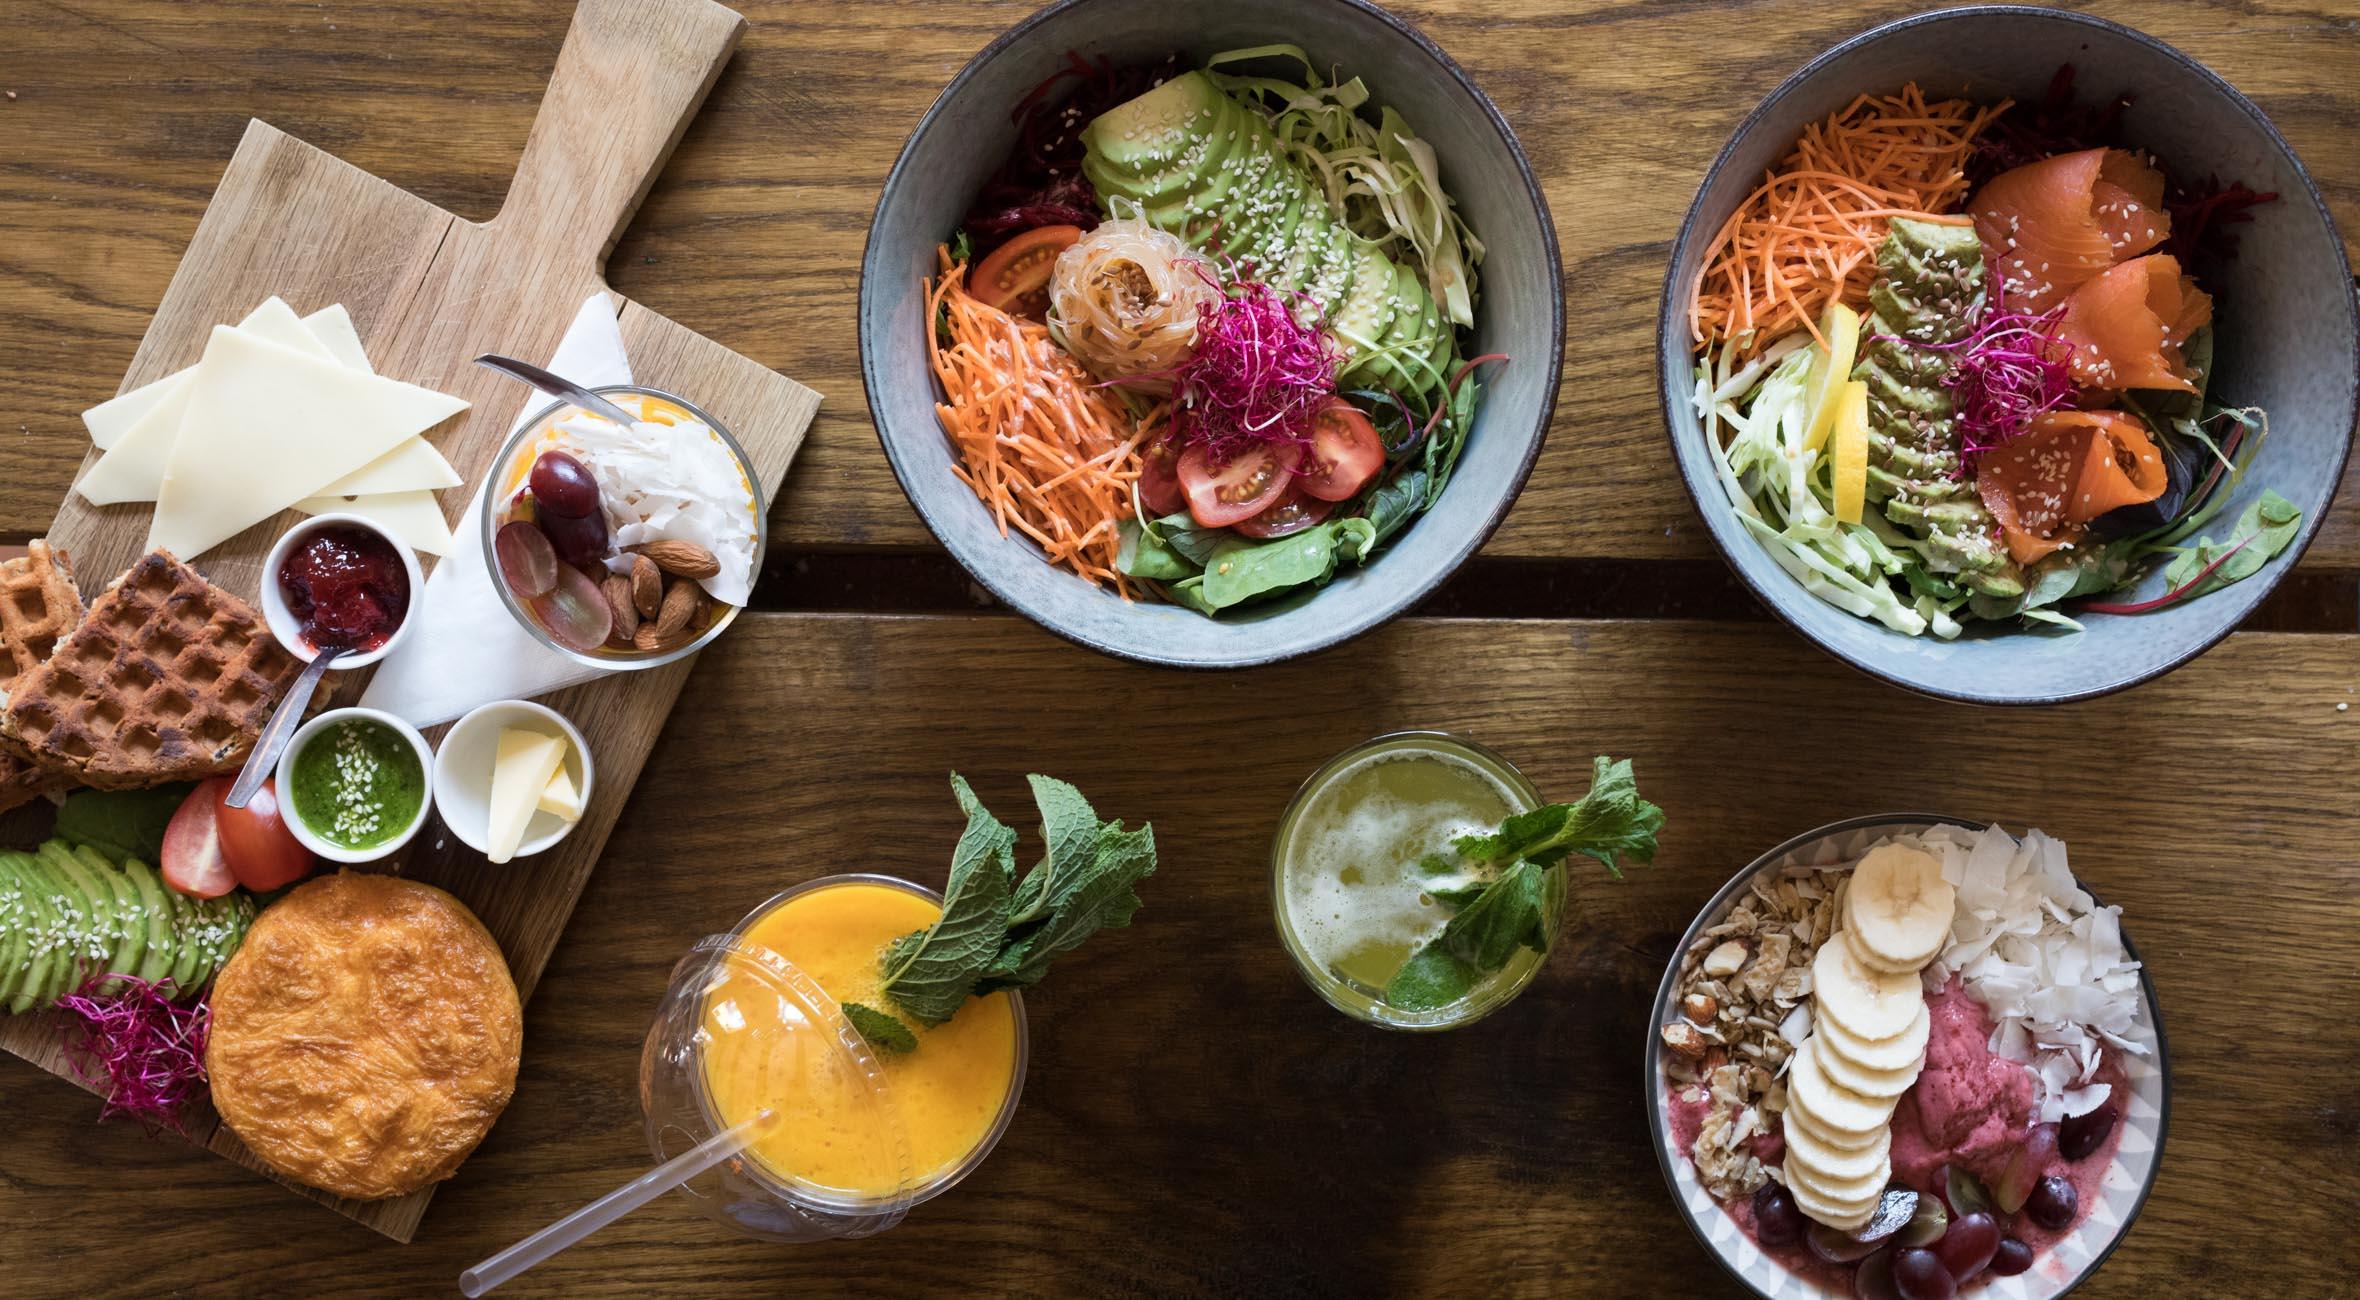 Frit valg til alt hos Social i Sankt Gertruds Stræde – Kåret som Byens Bedste Café af AOK